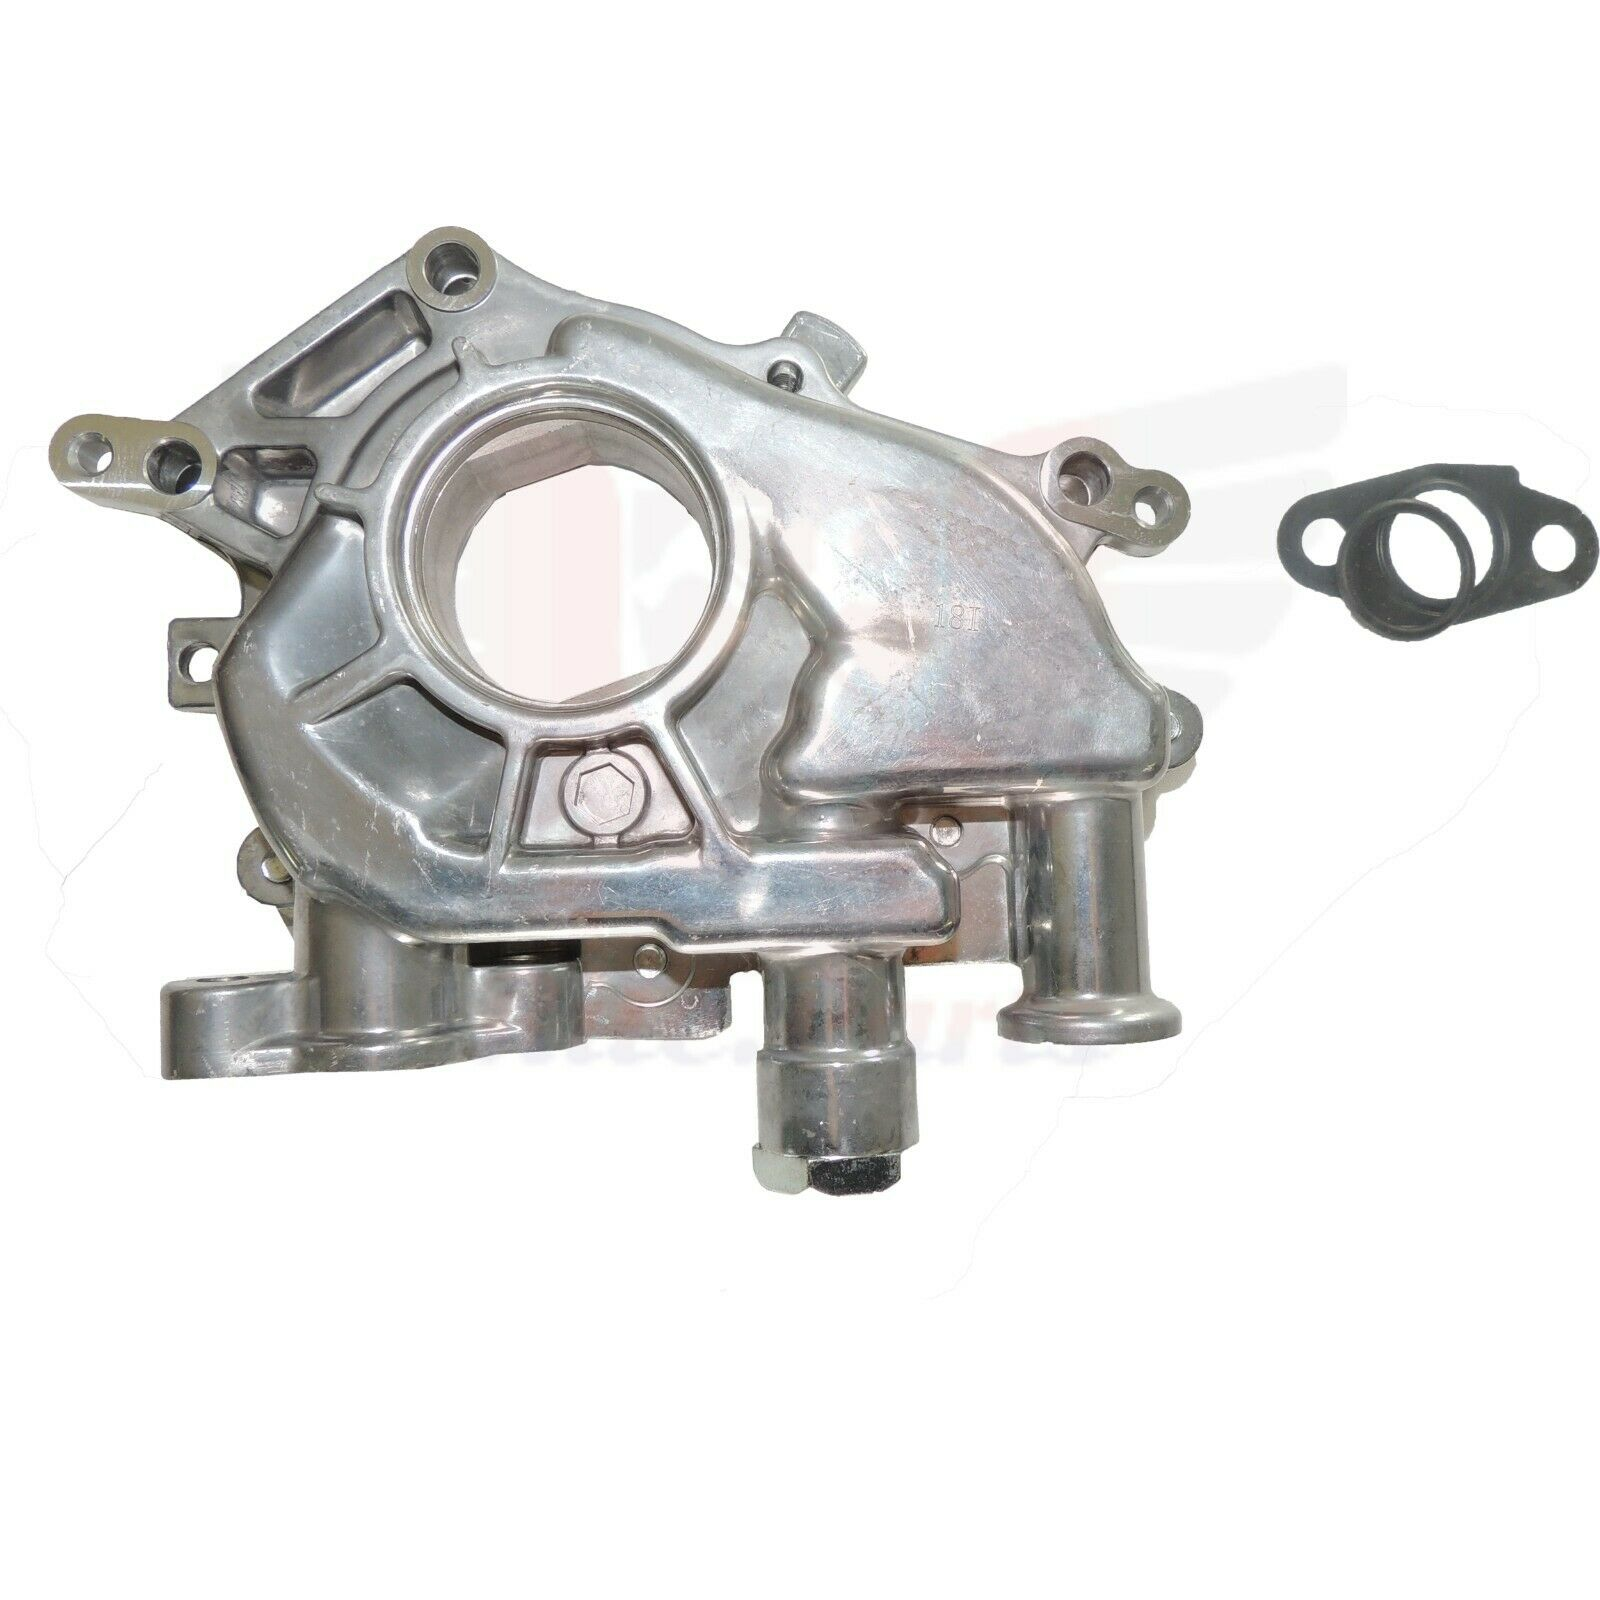 Oil Pump For Nissan 350Z 370Z Infiniti G25 G35 G37 FX37